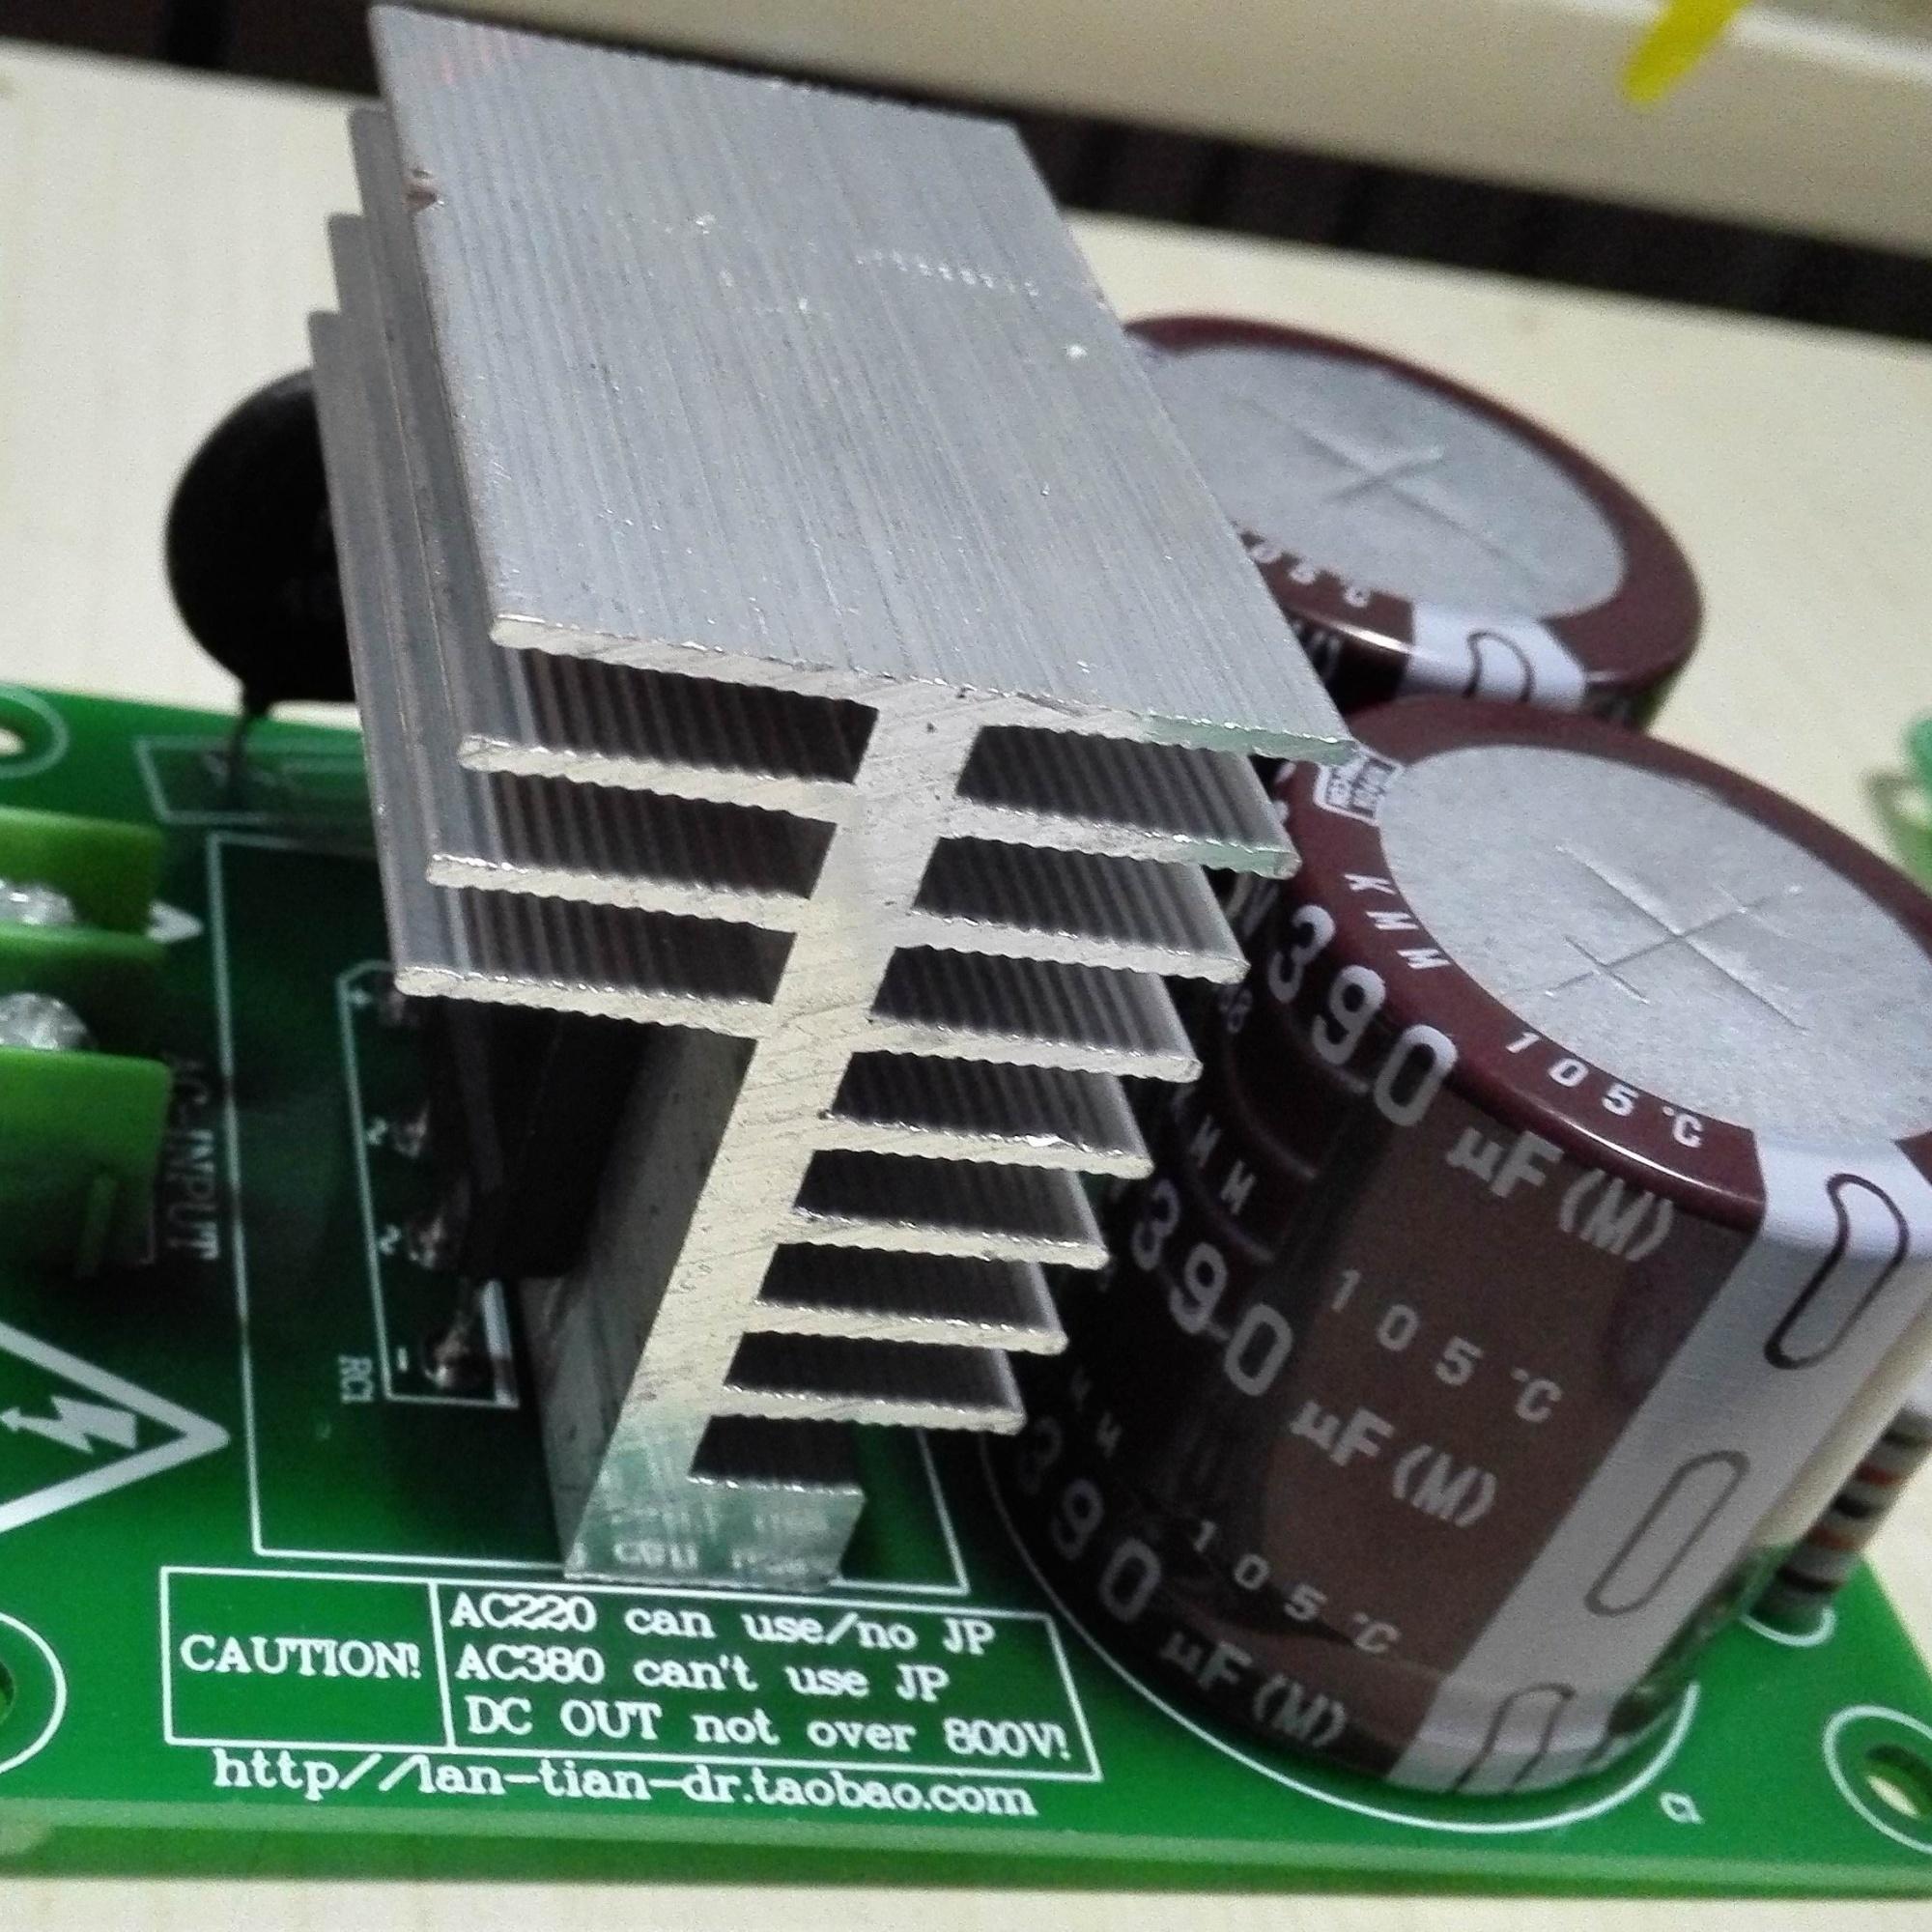 共享一个DIY大功率倍压整流电源板,调试用很方便